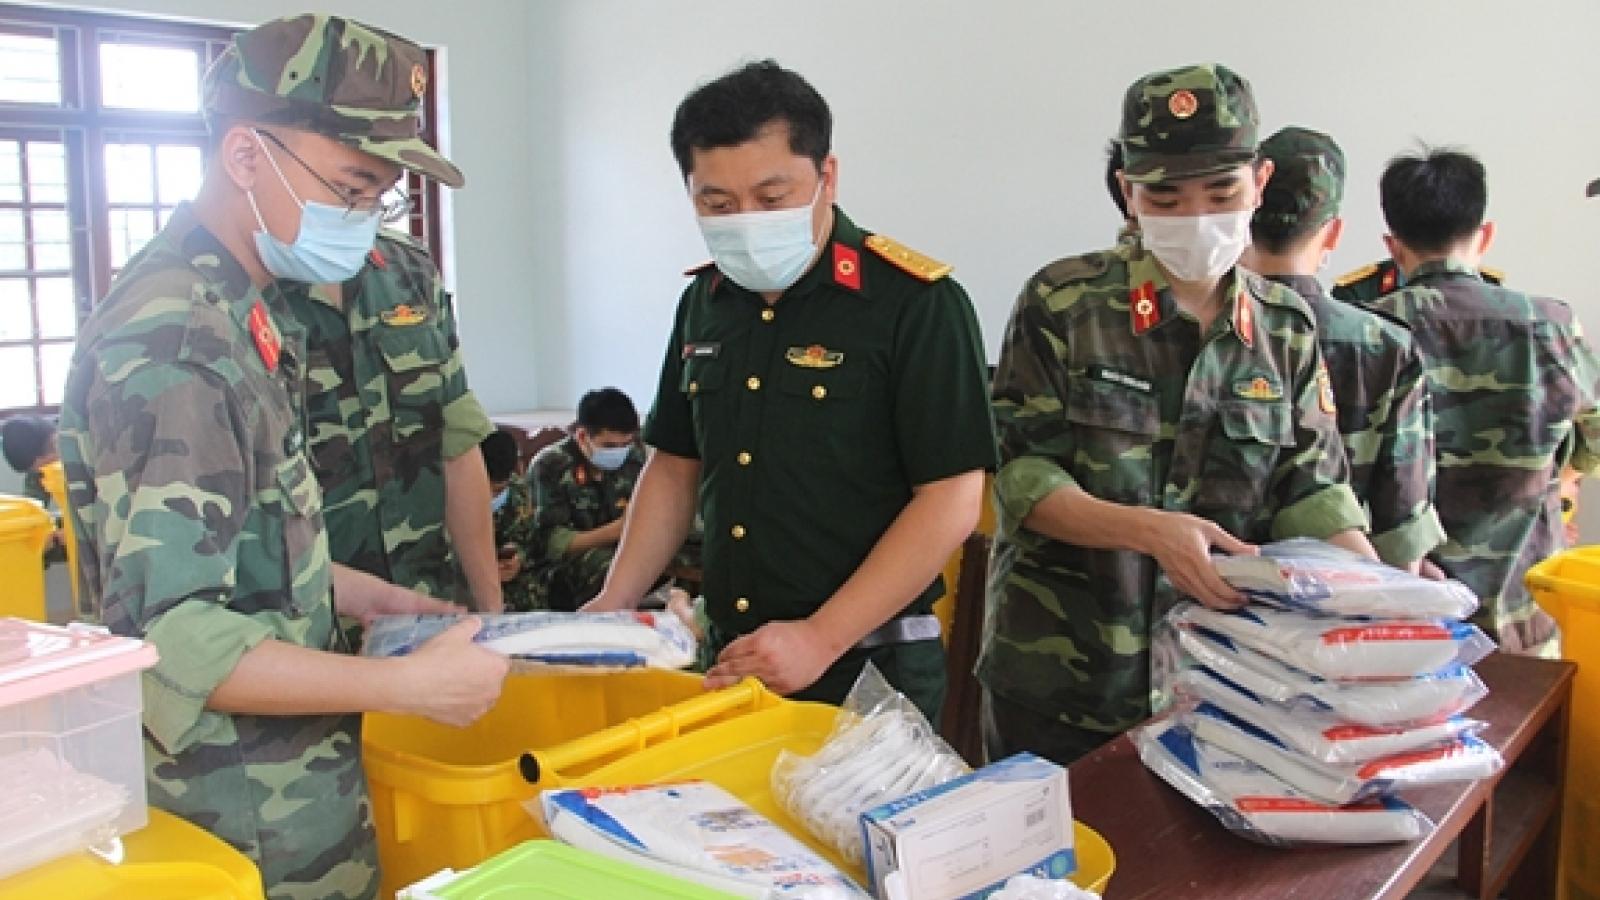 Bộ trưởng Quốc phòng khen thưởng 70 tập thể, cá nhân trong phòng, chống Covid-19